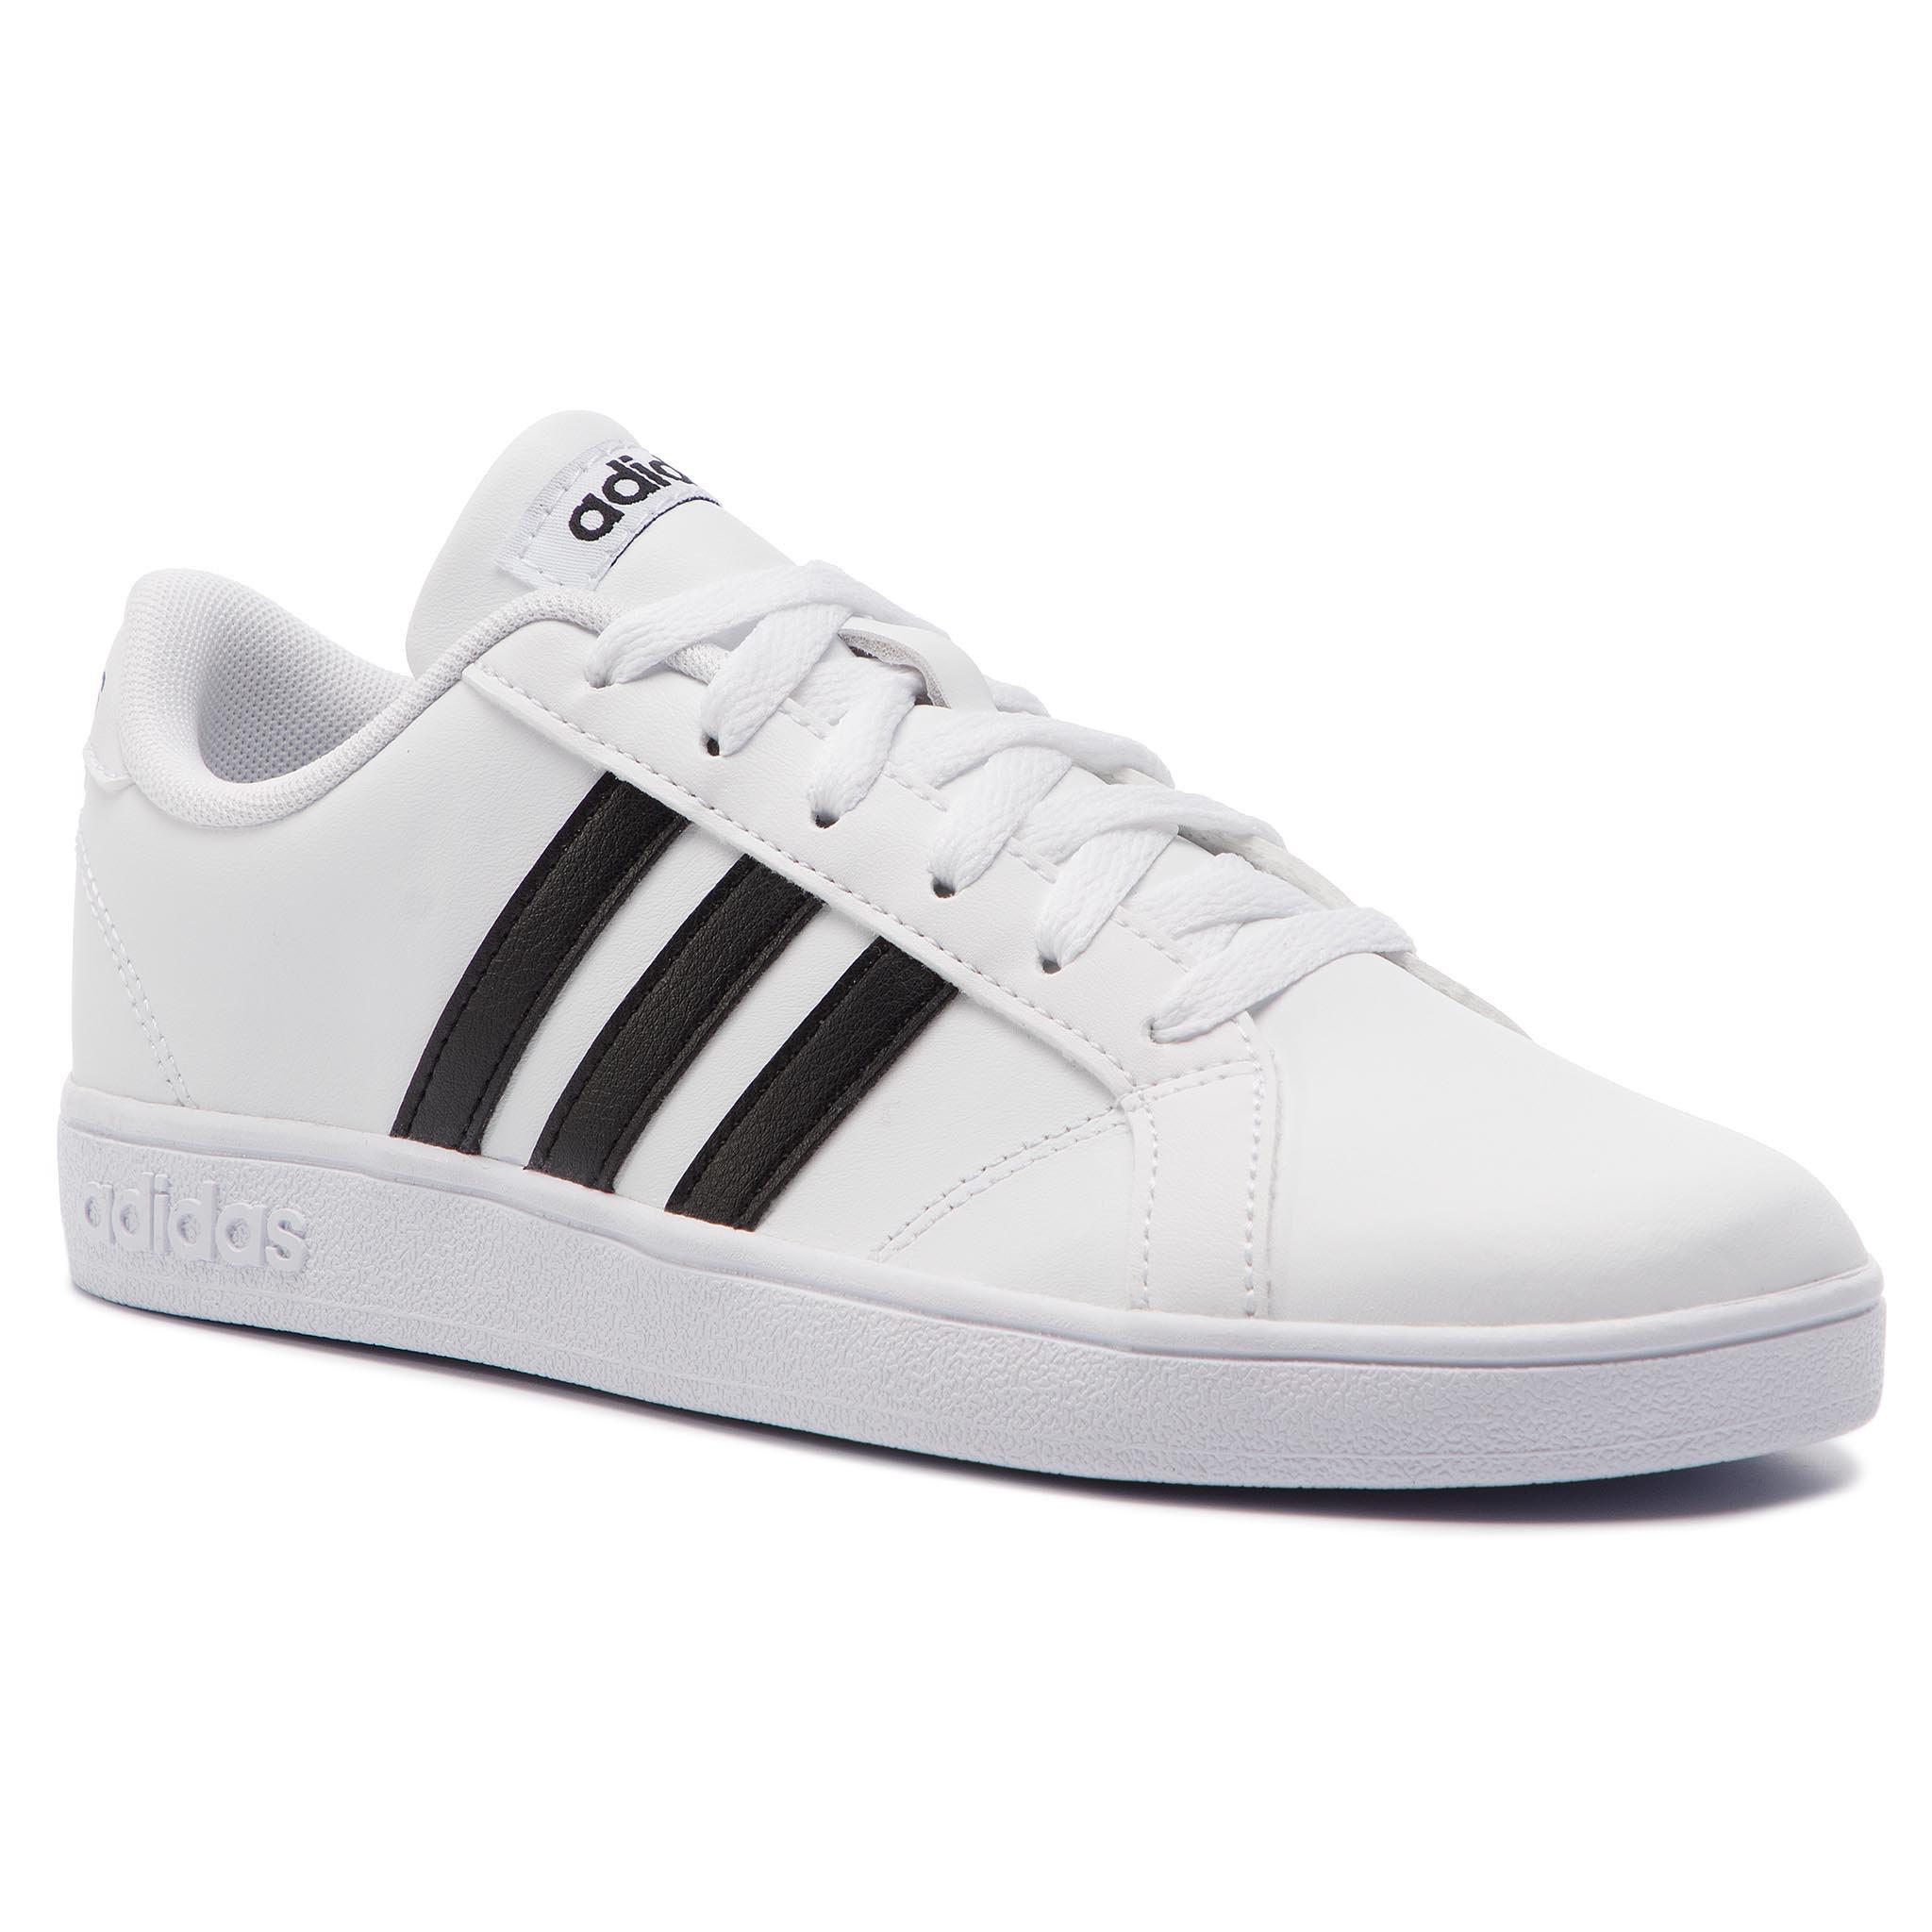 buty adidas ccc damskie